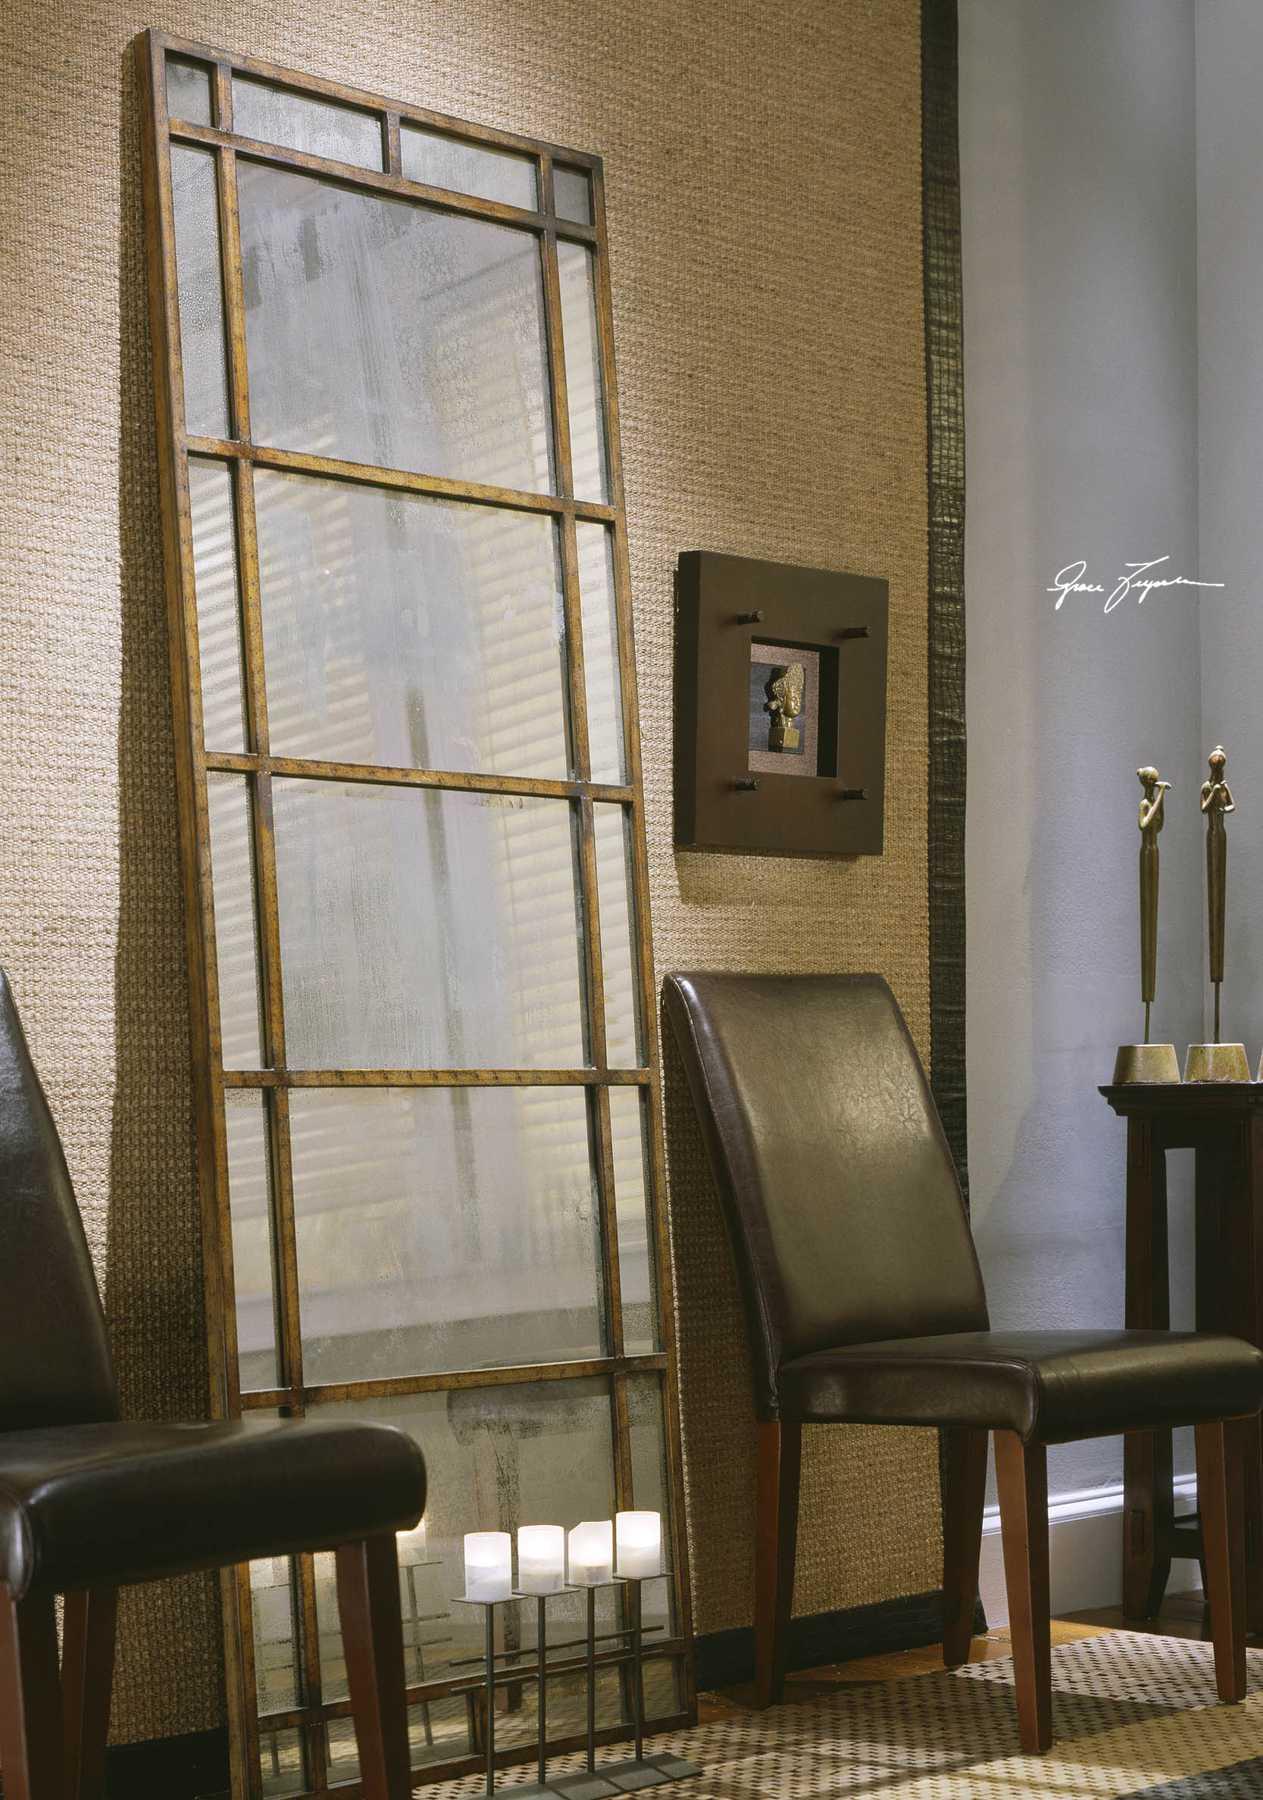 Uttermost Avidan 29 x 79 Antique Gold Floor Mirror | UT13332P